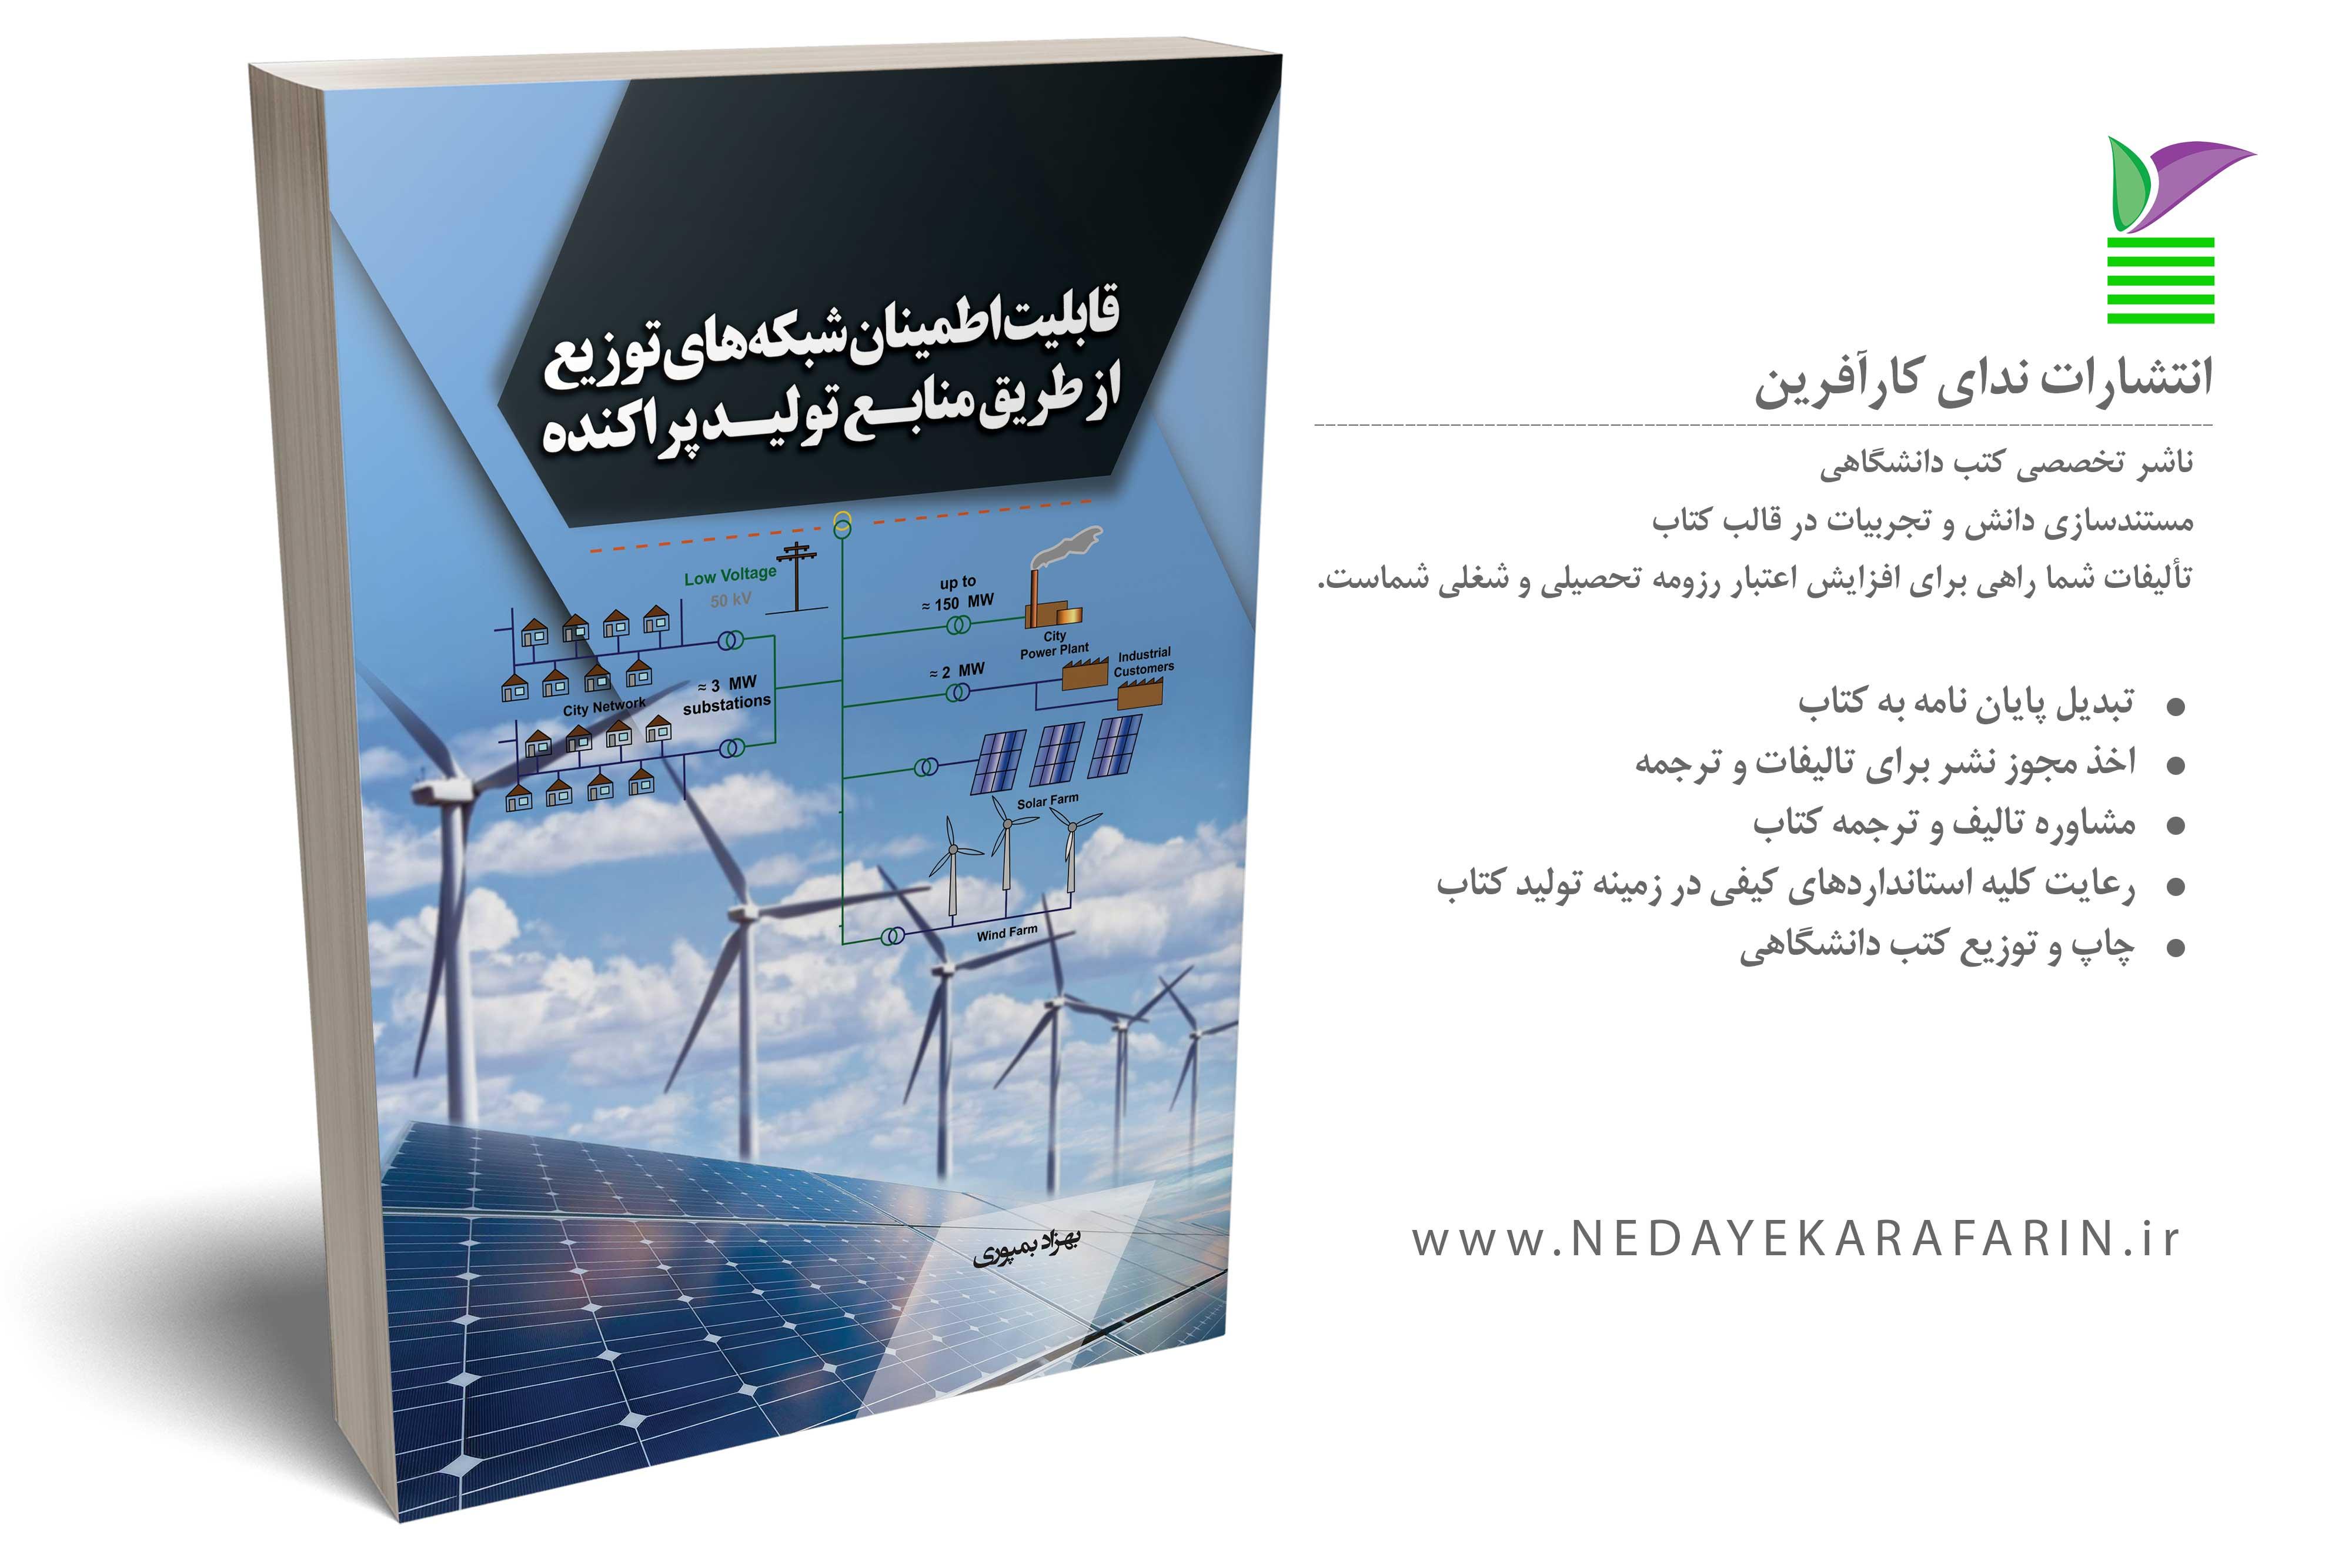 تبدیل پایان نامه به کتاب توزیع برق